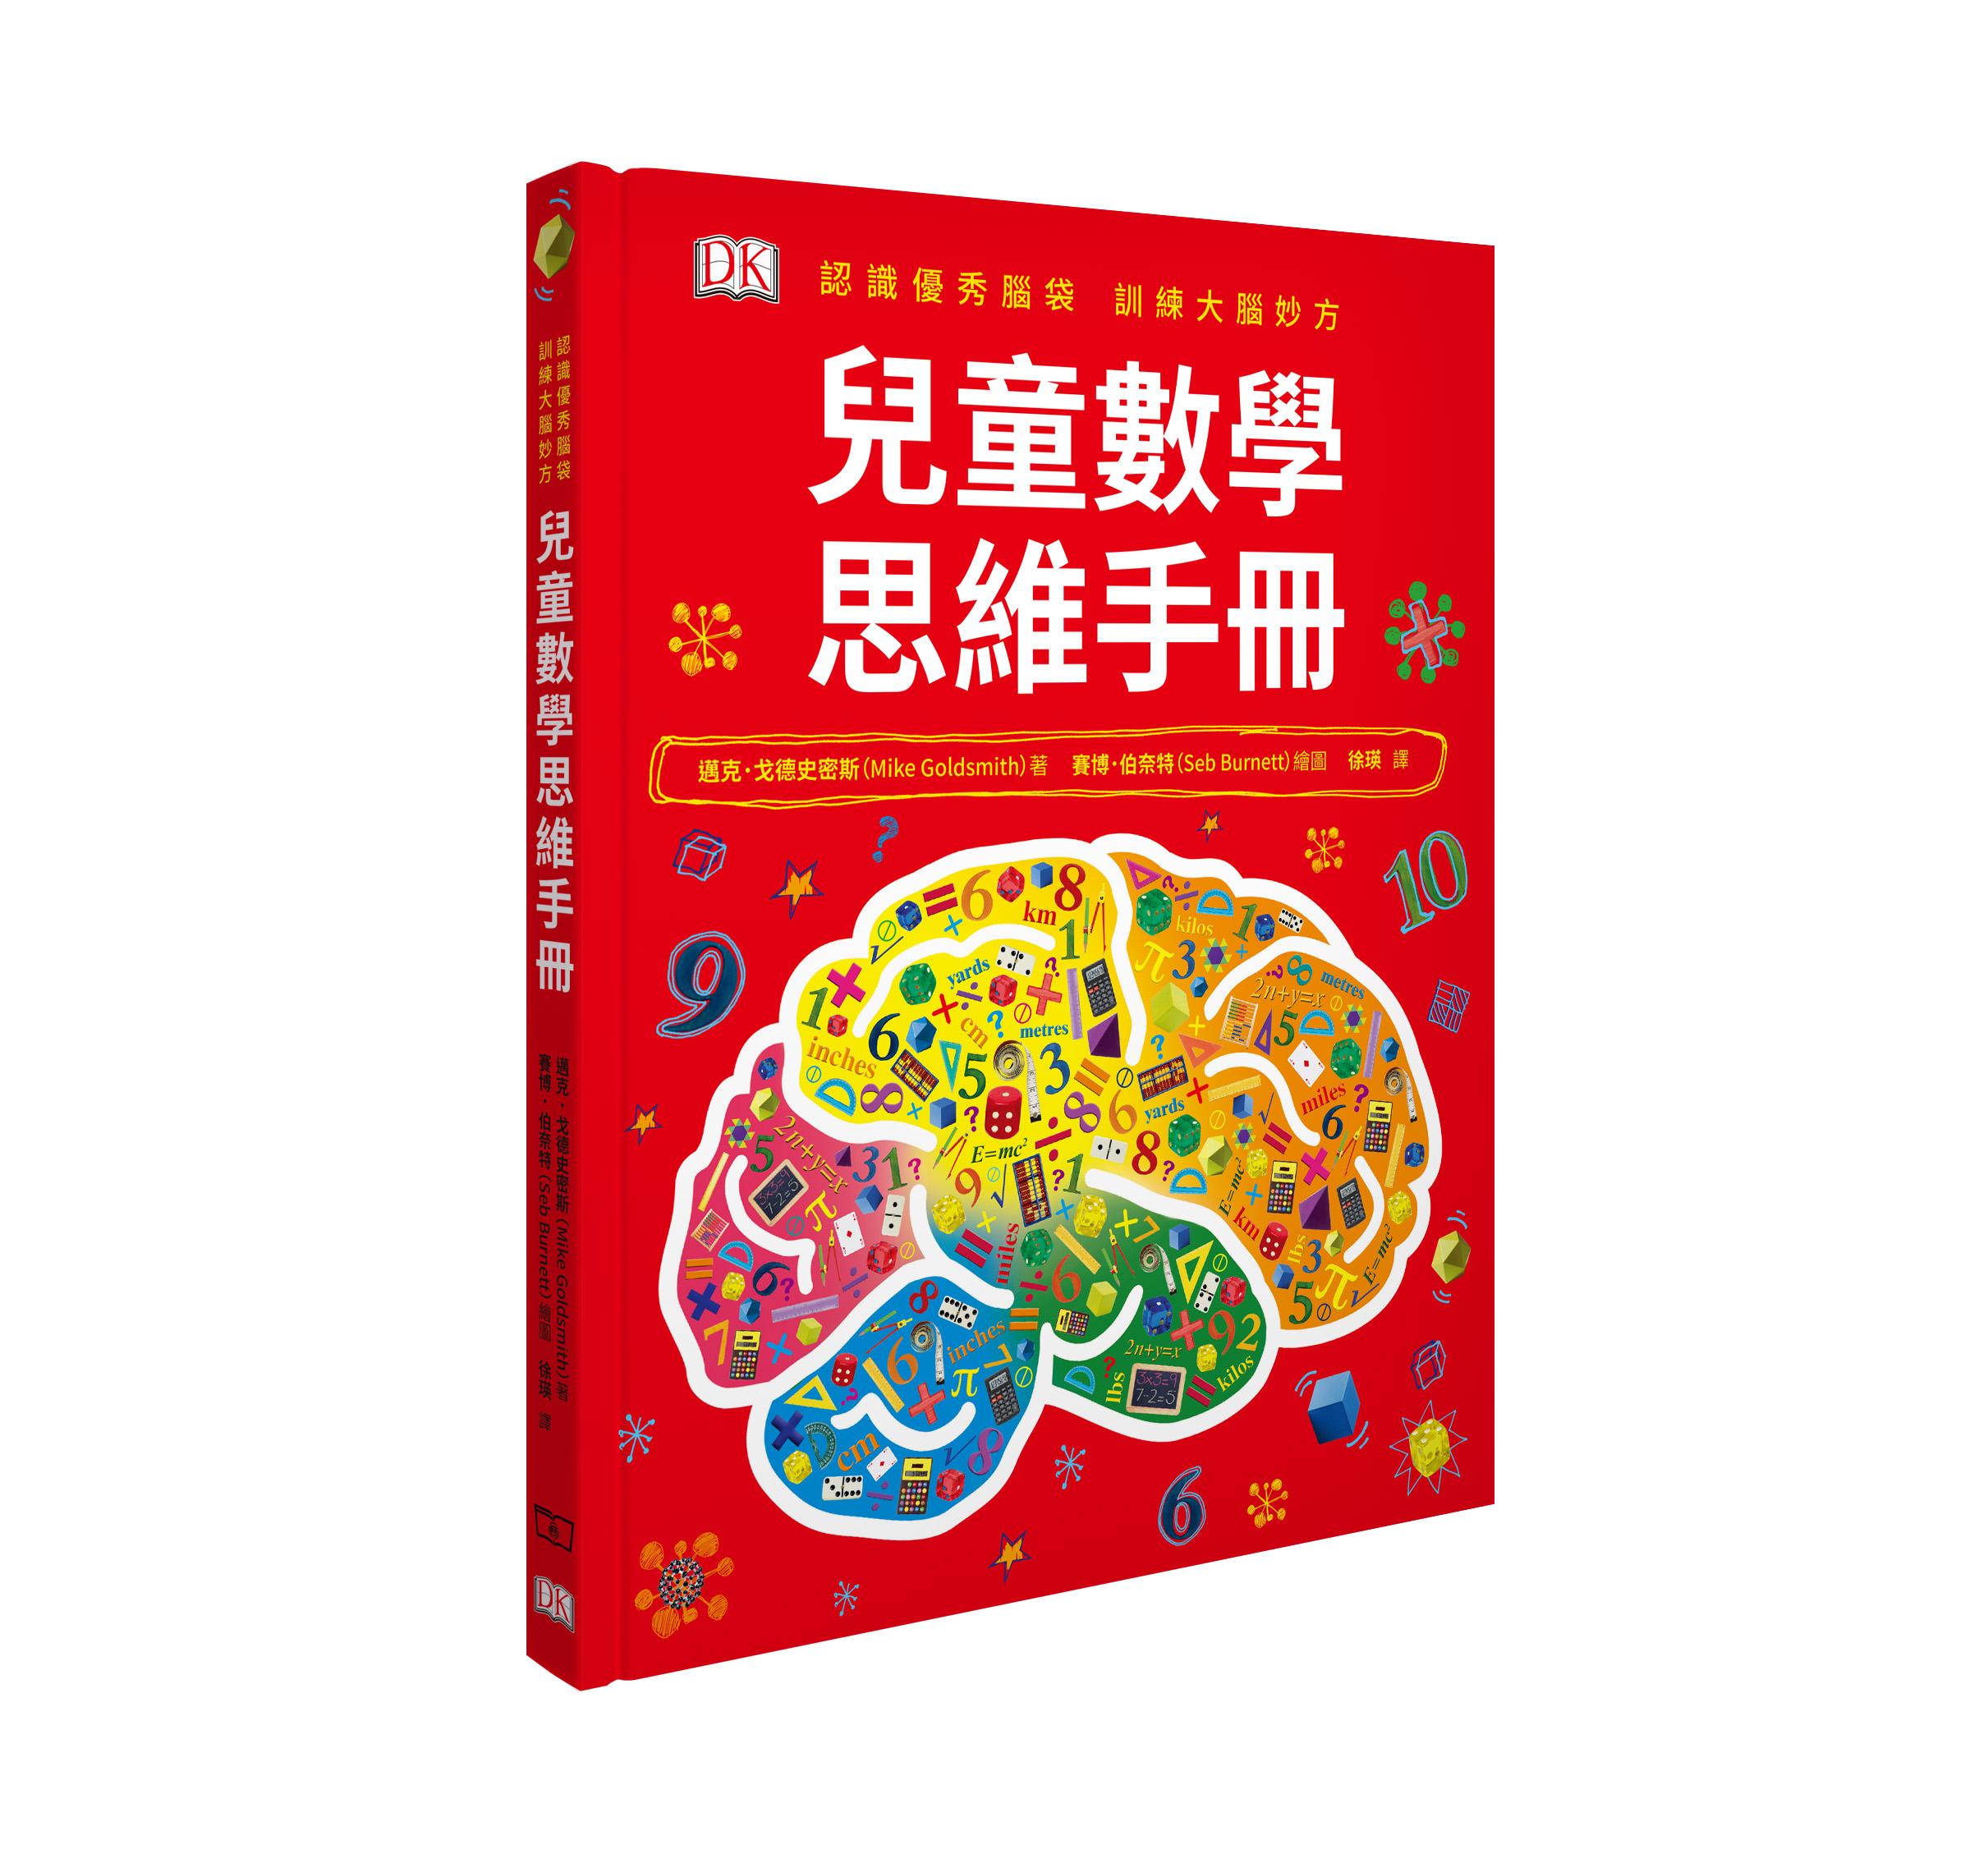 兒童數學思維手冊